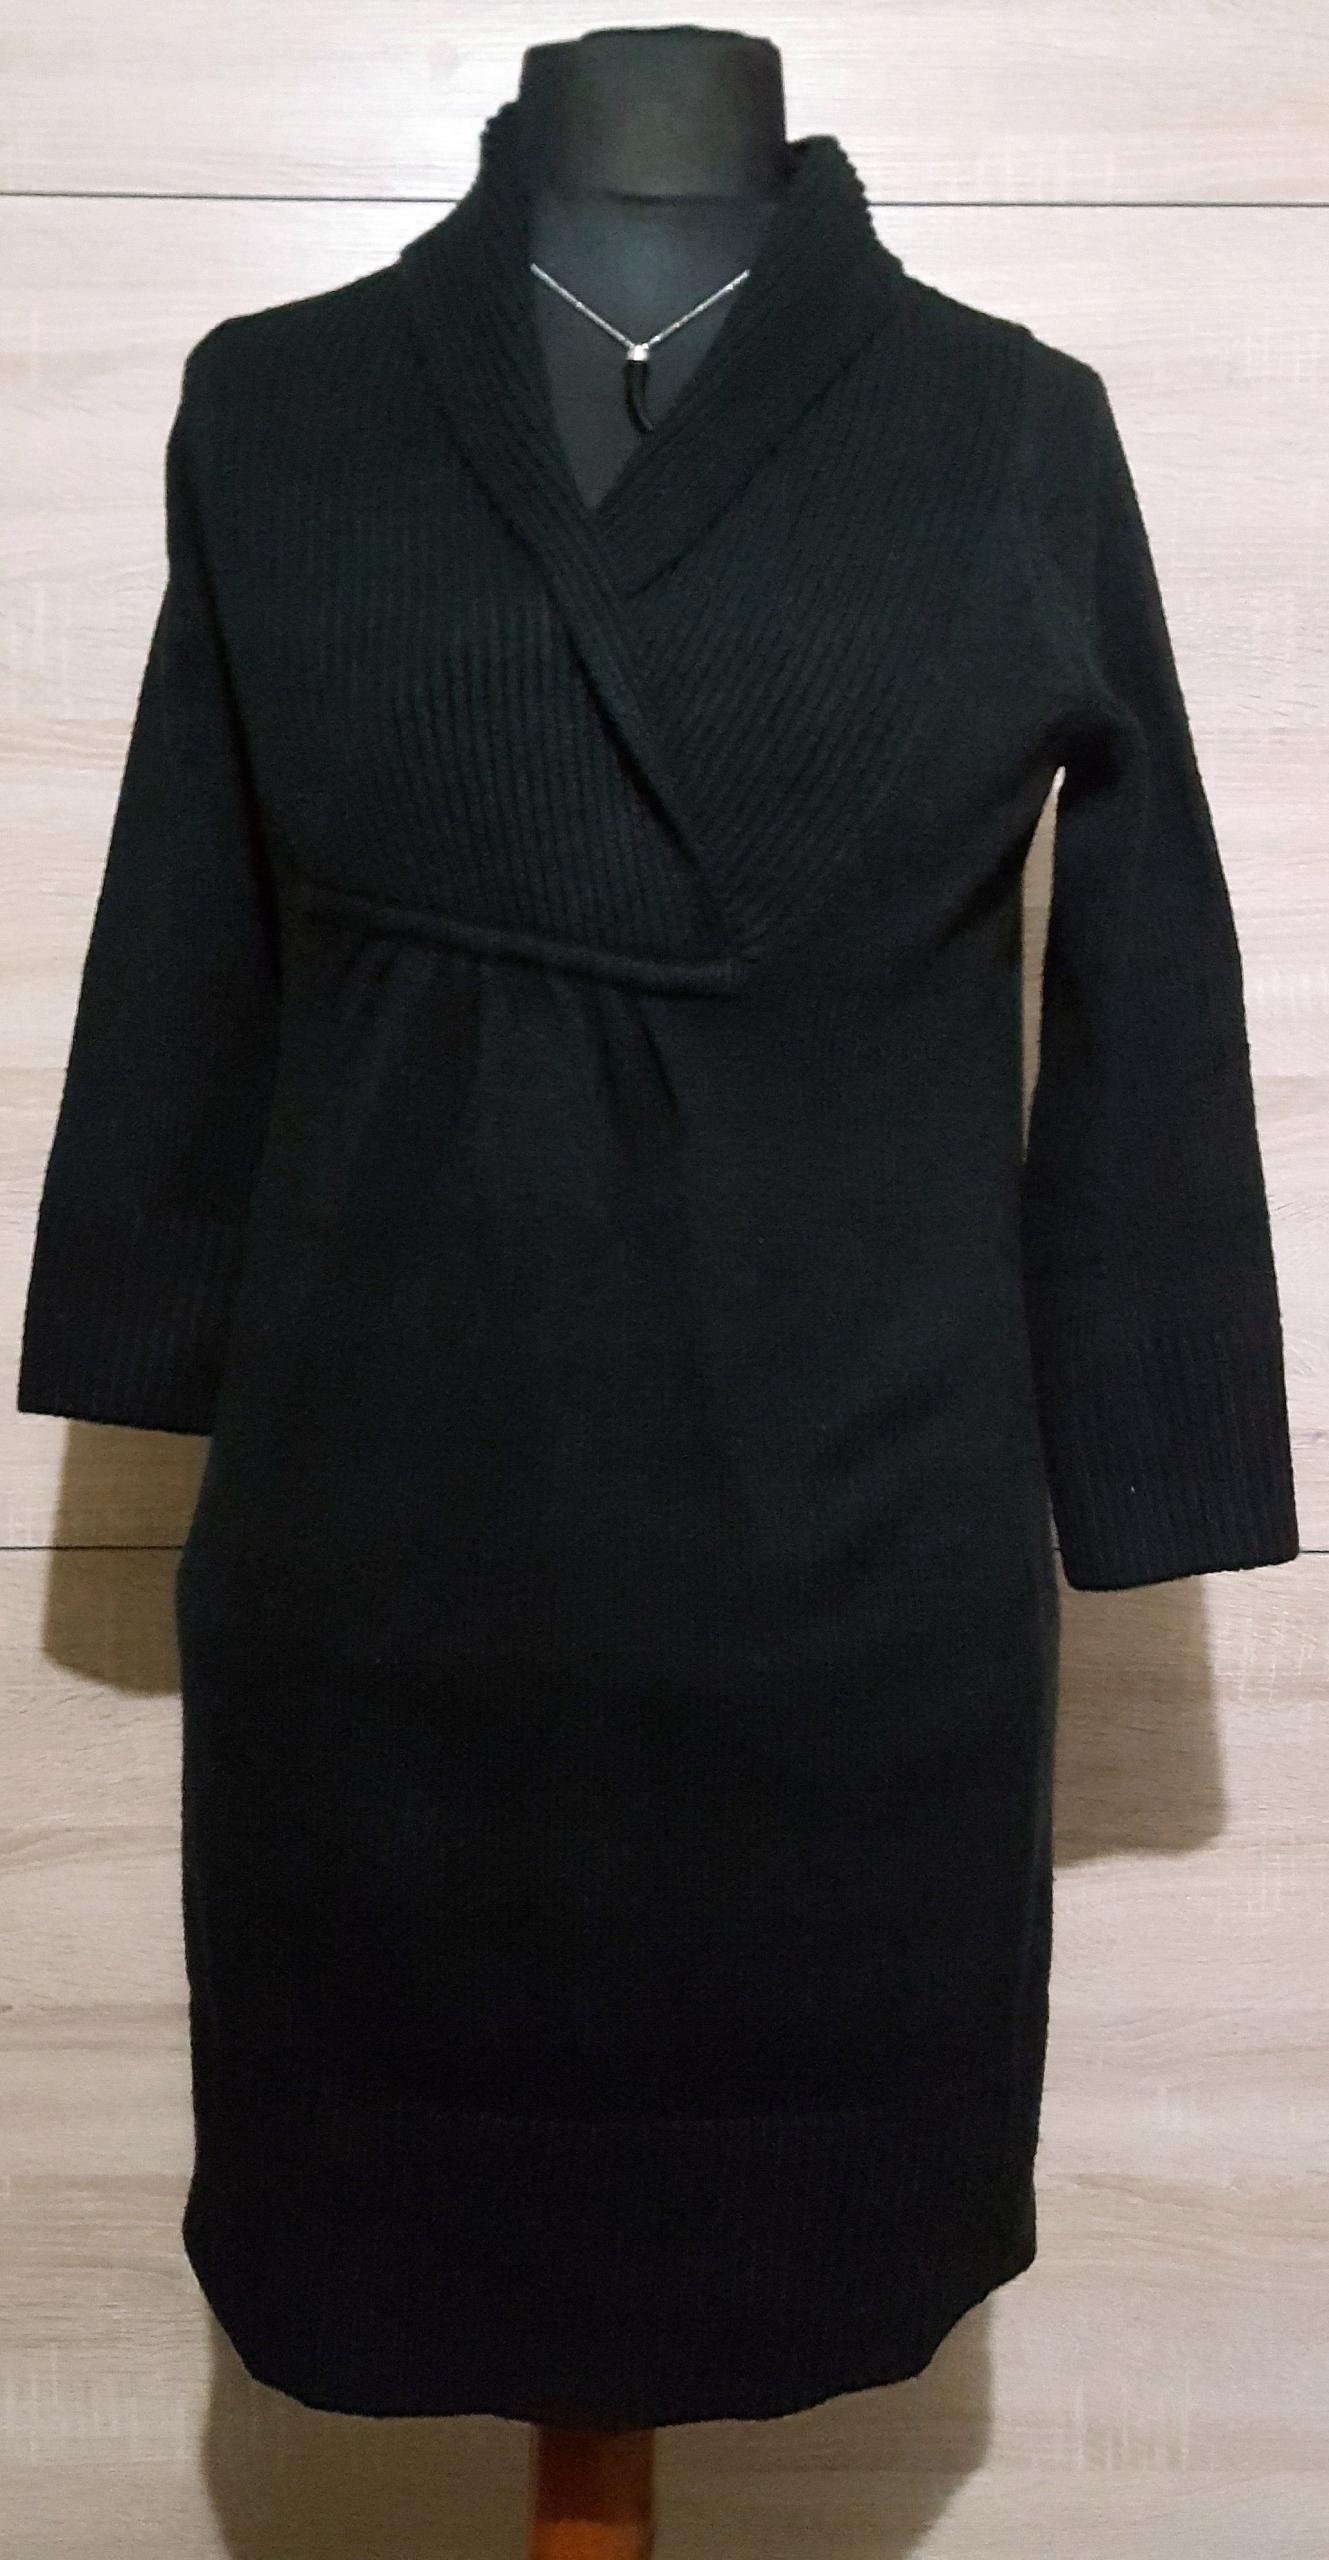 Sweterek damski długi H&M rozmiar M.